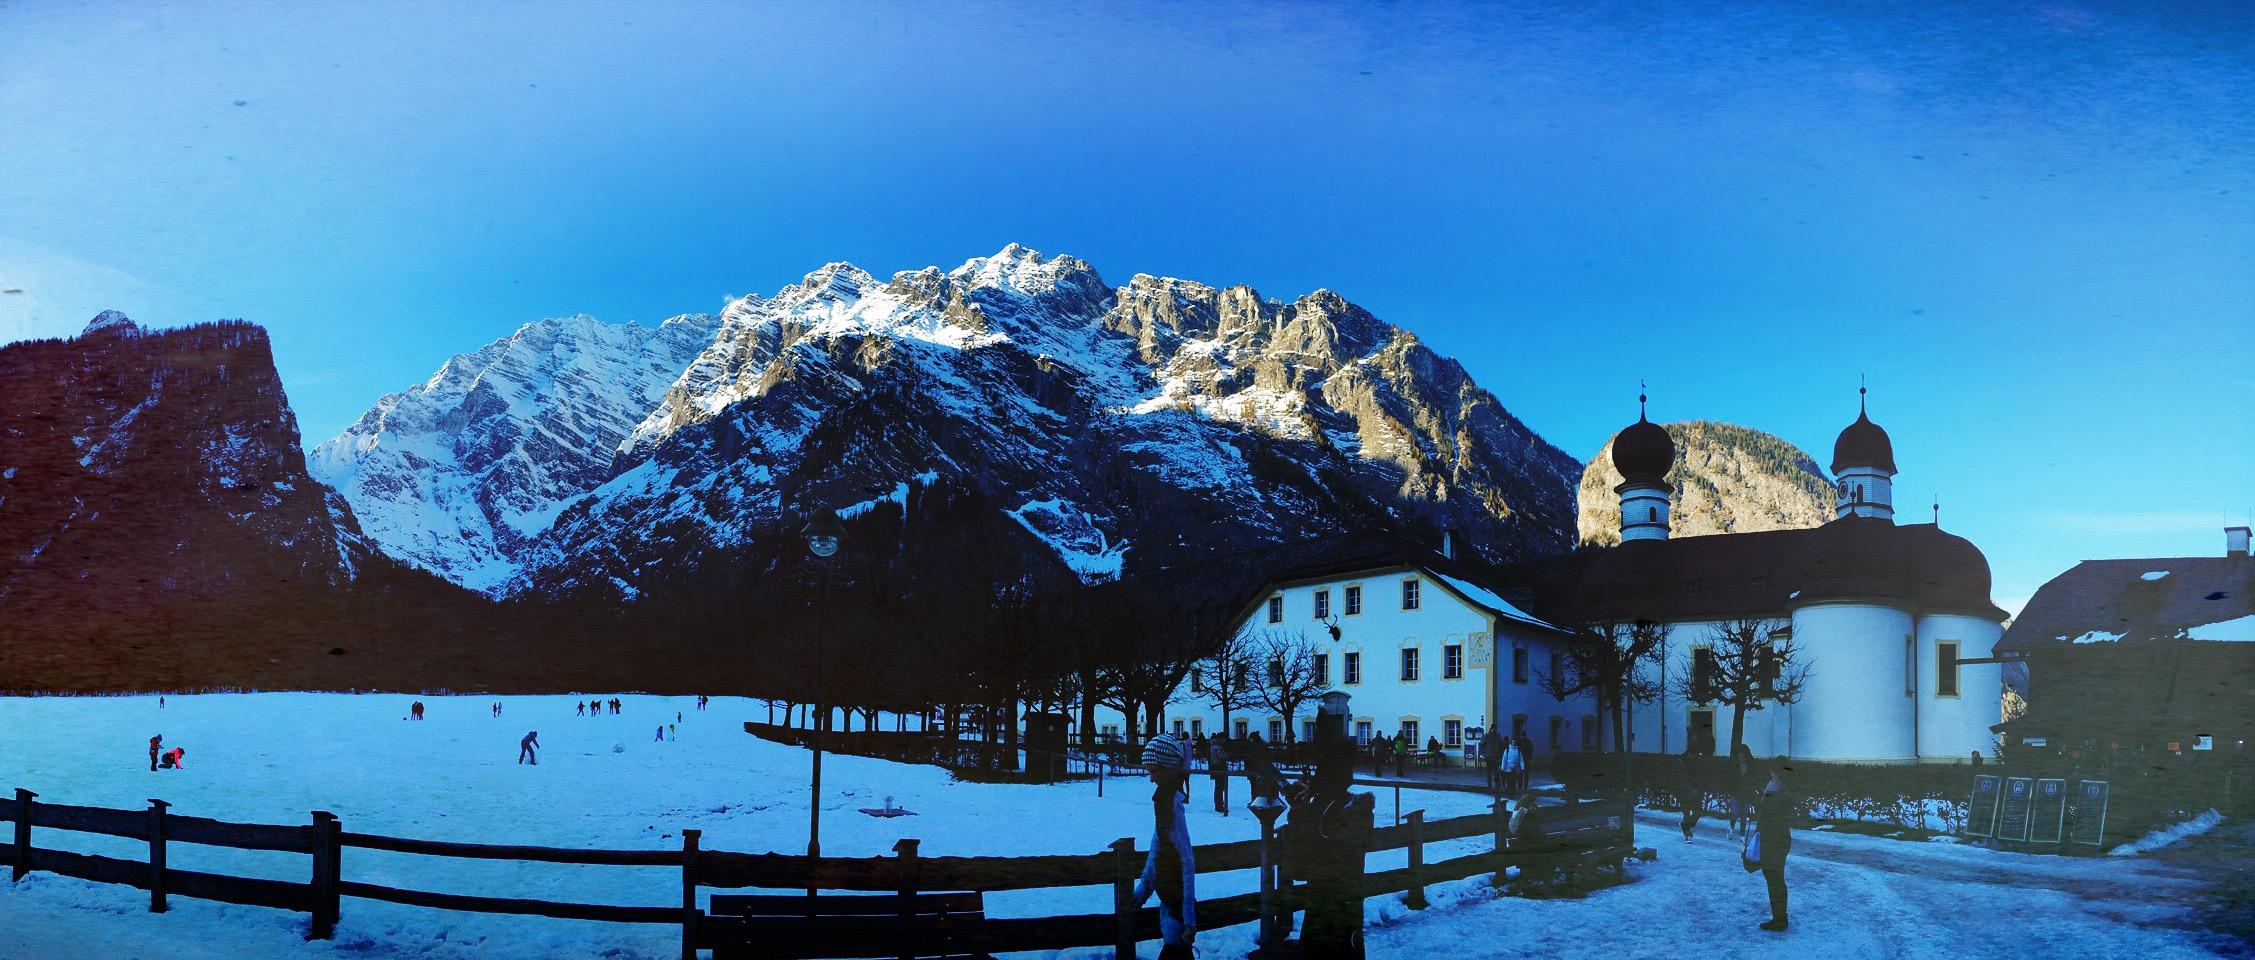 Silvester Trip zum Campingplatz Allweglehen / Berchtesgaden